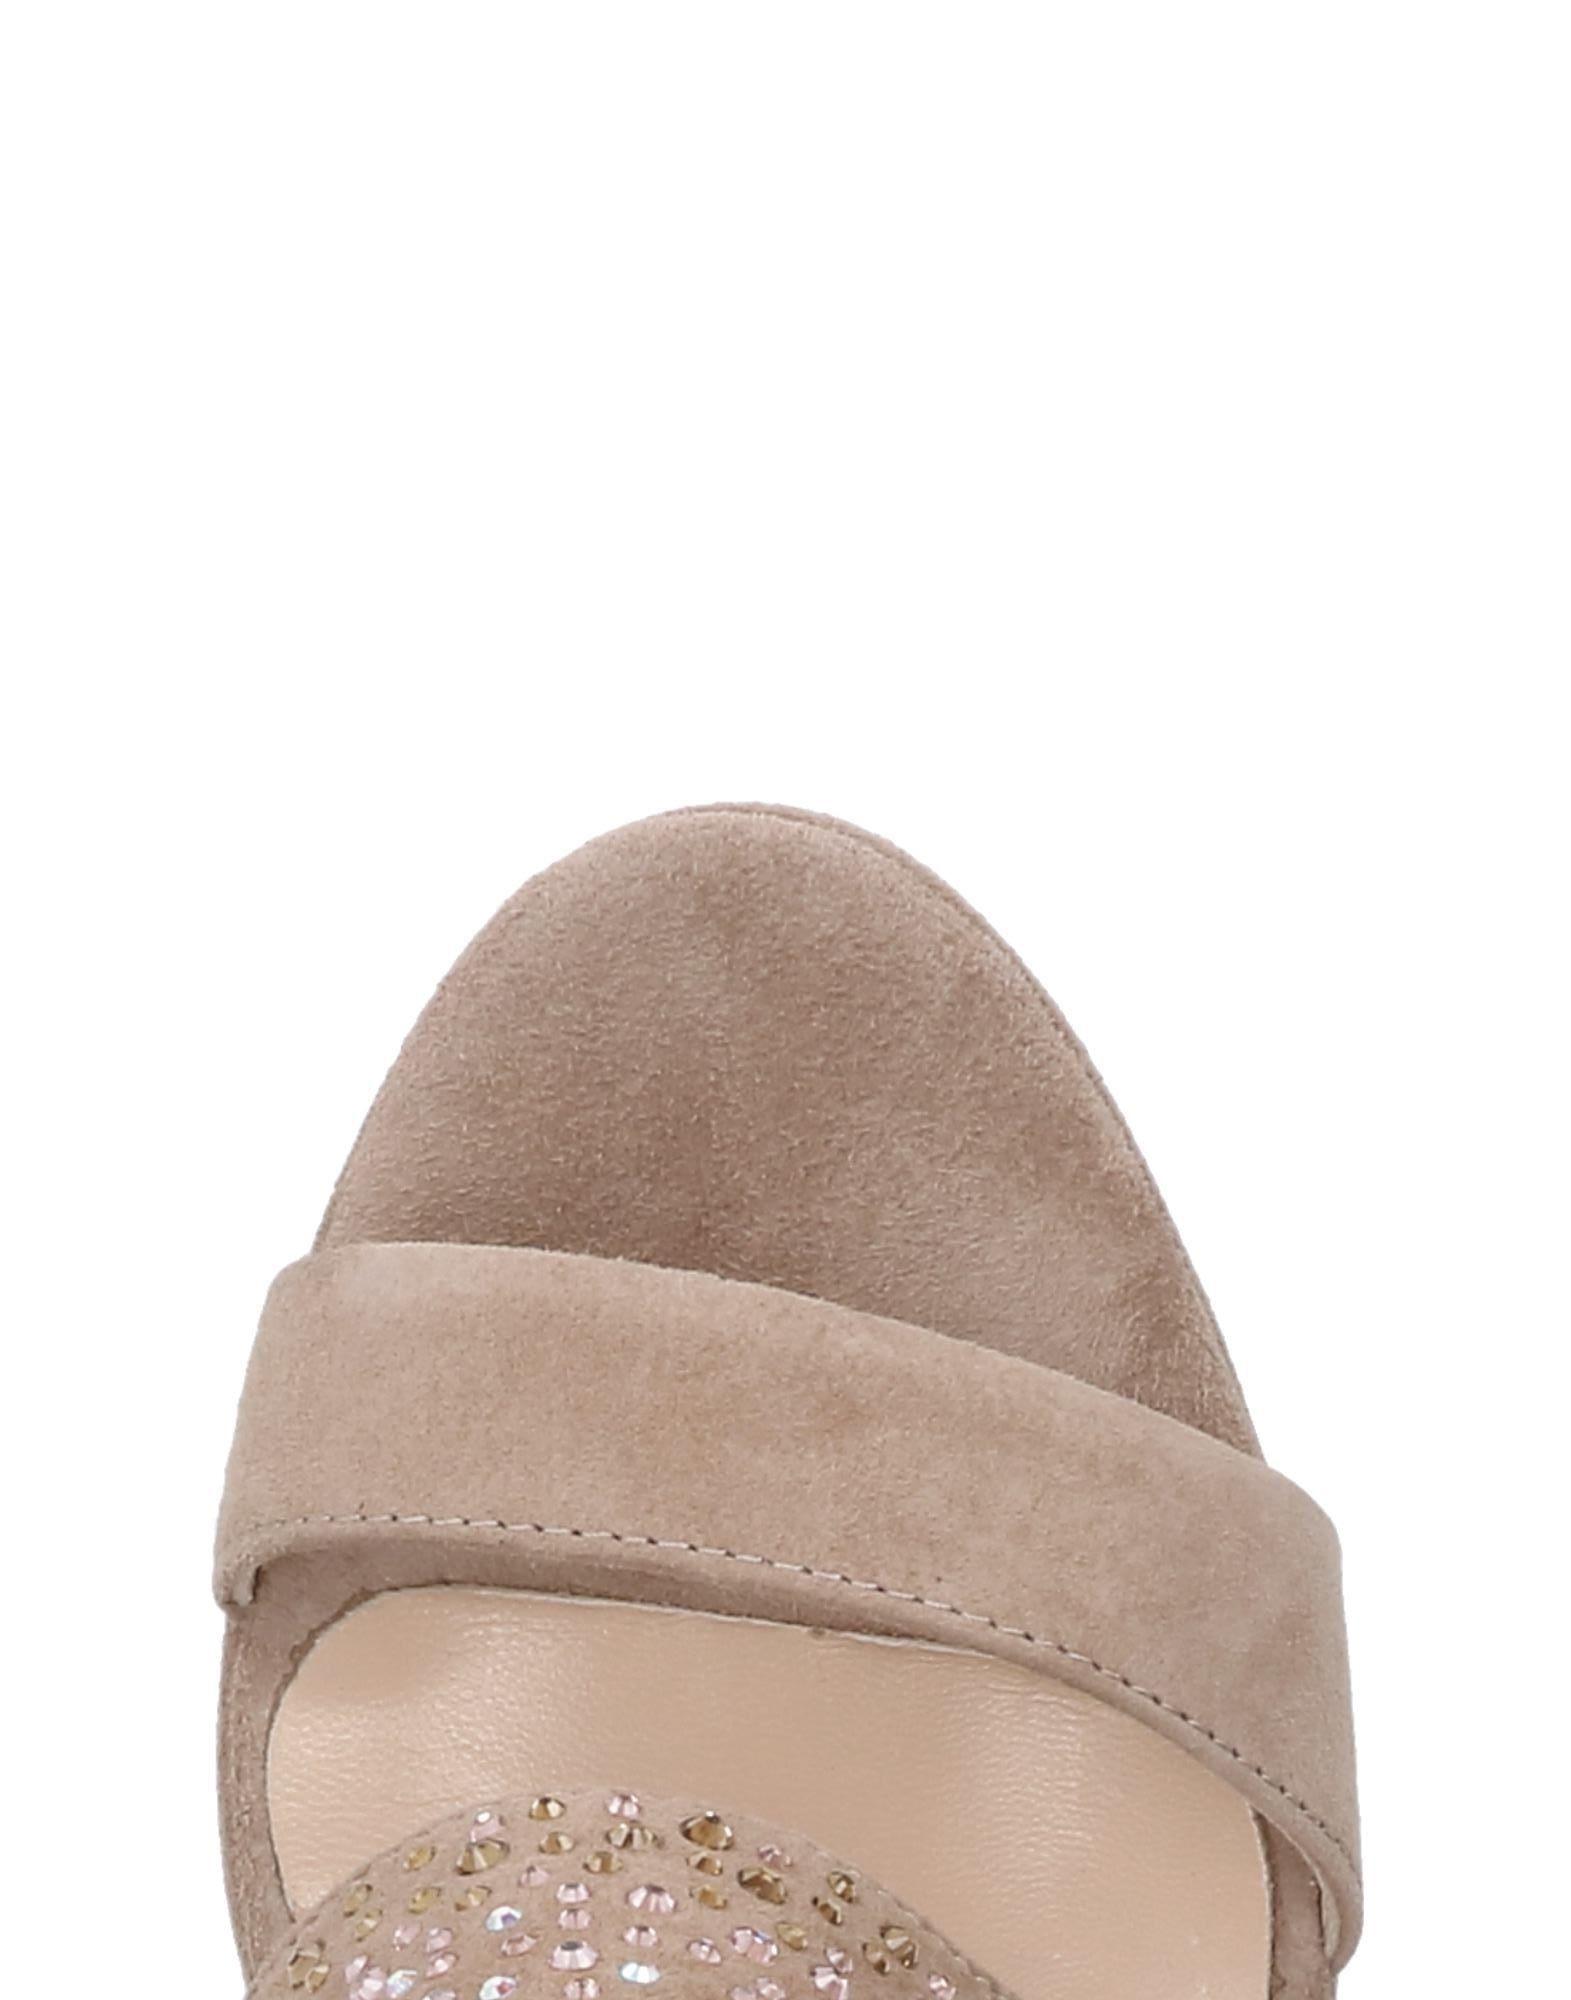 Andrea Morelli Sandalen Damen Gute  11488461FM Gute Damen Qualität beliebte Schuhe 18b2c4